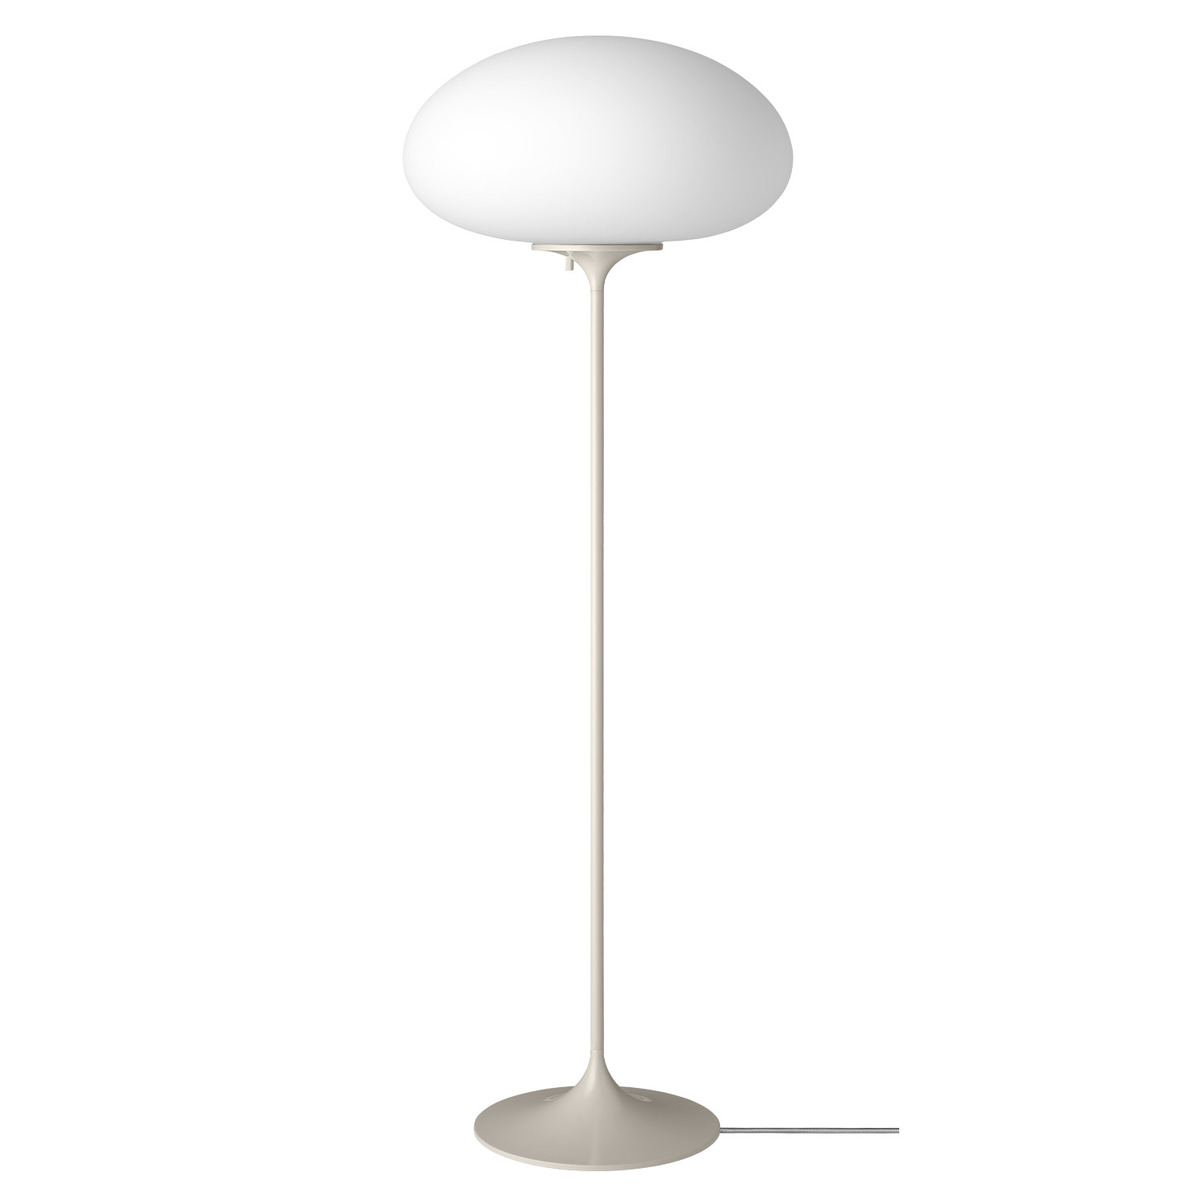 Gubi Stemlite Floor Lamp, 110 Cm, Pebble Grey